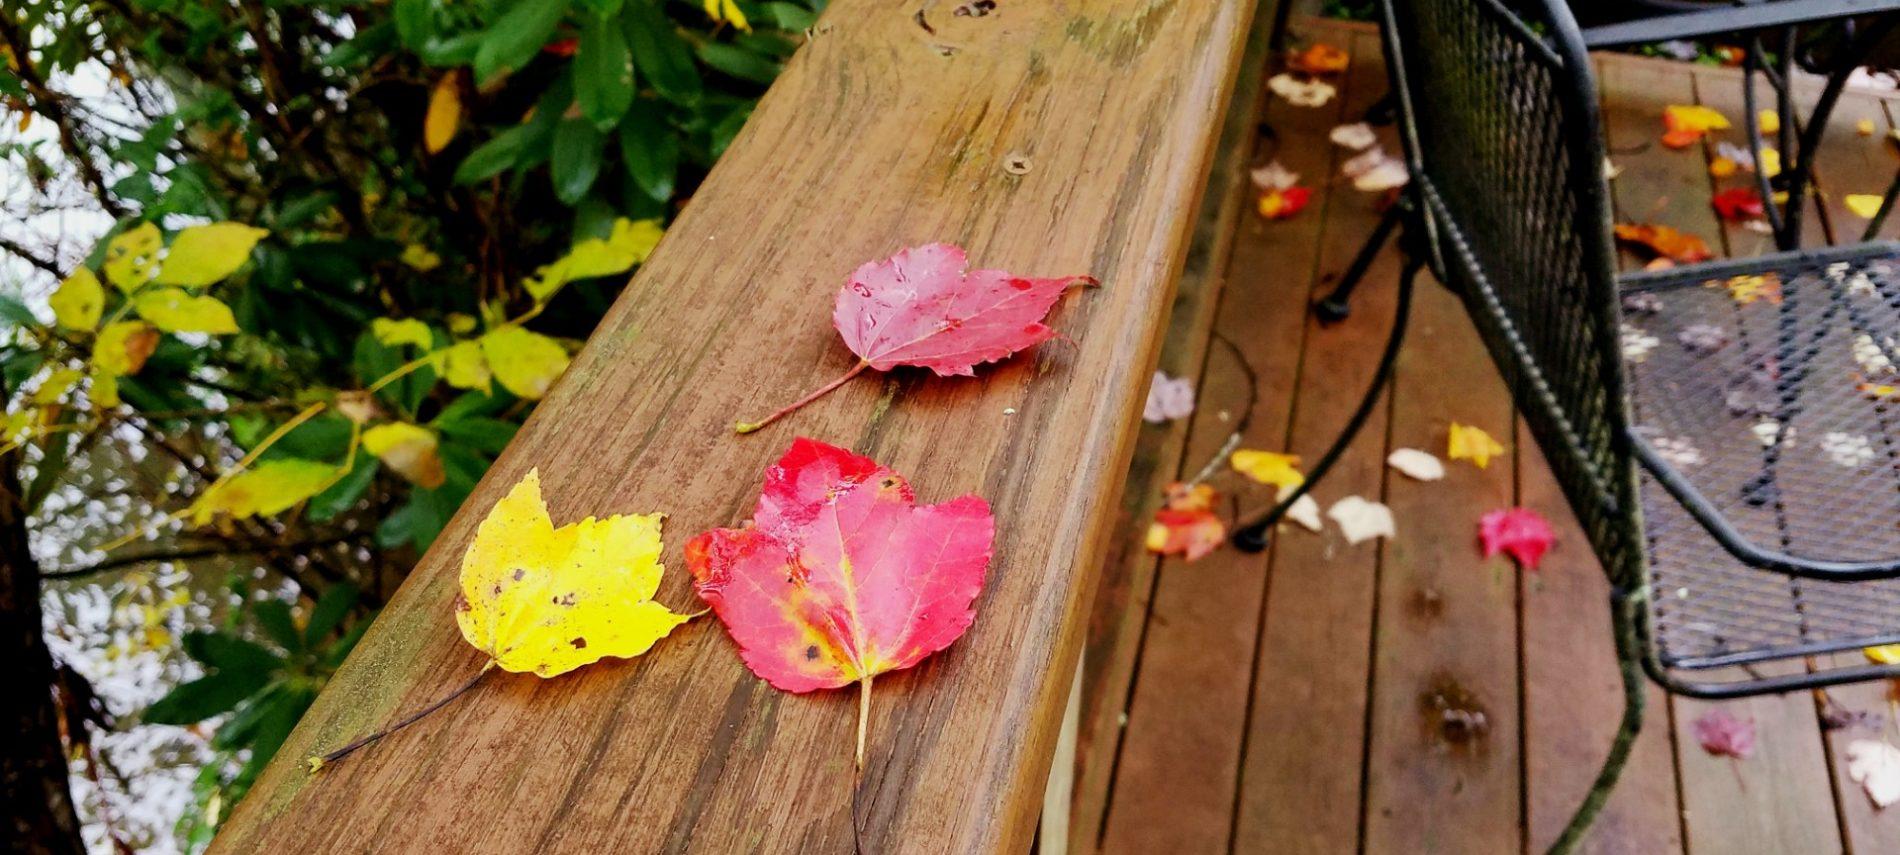 Fallen leaves on a wood deck